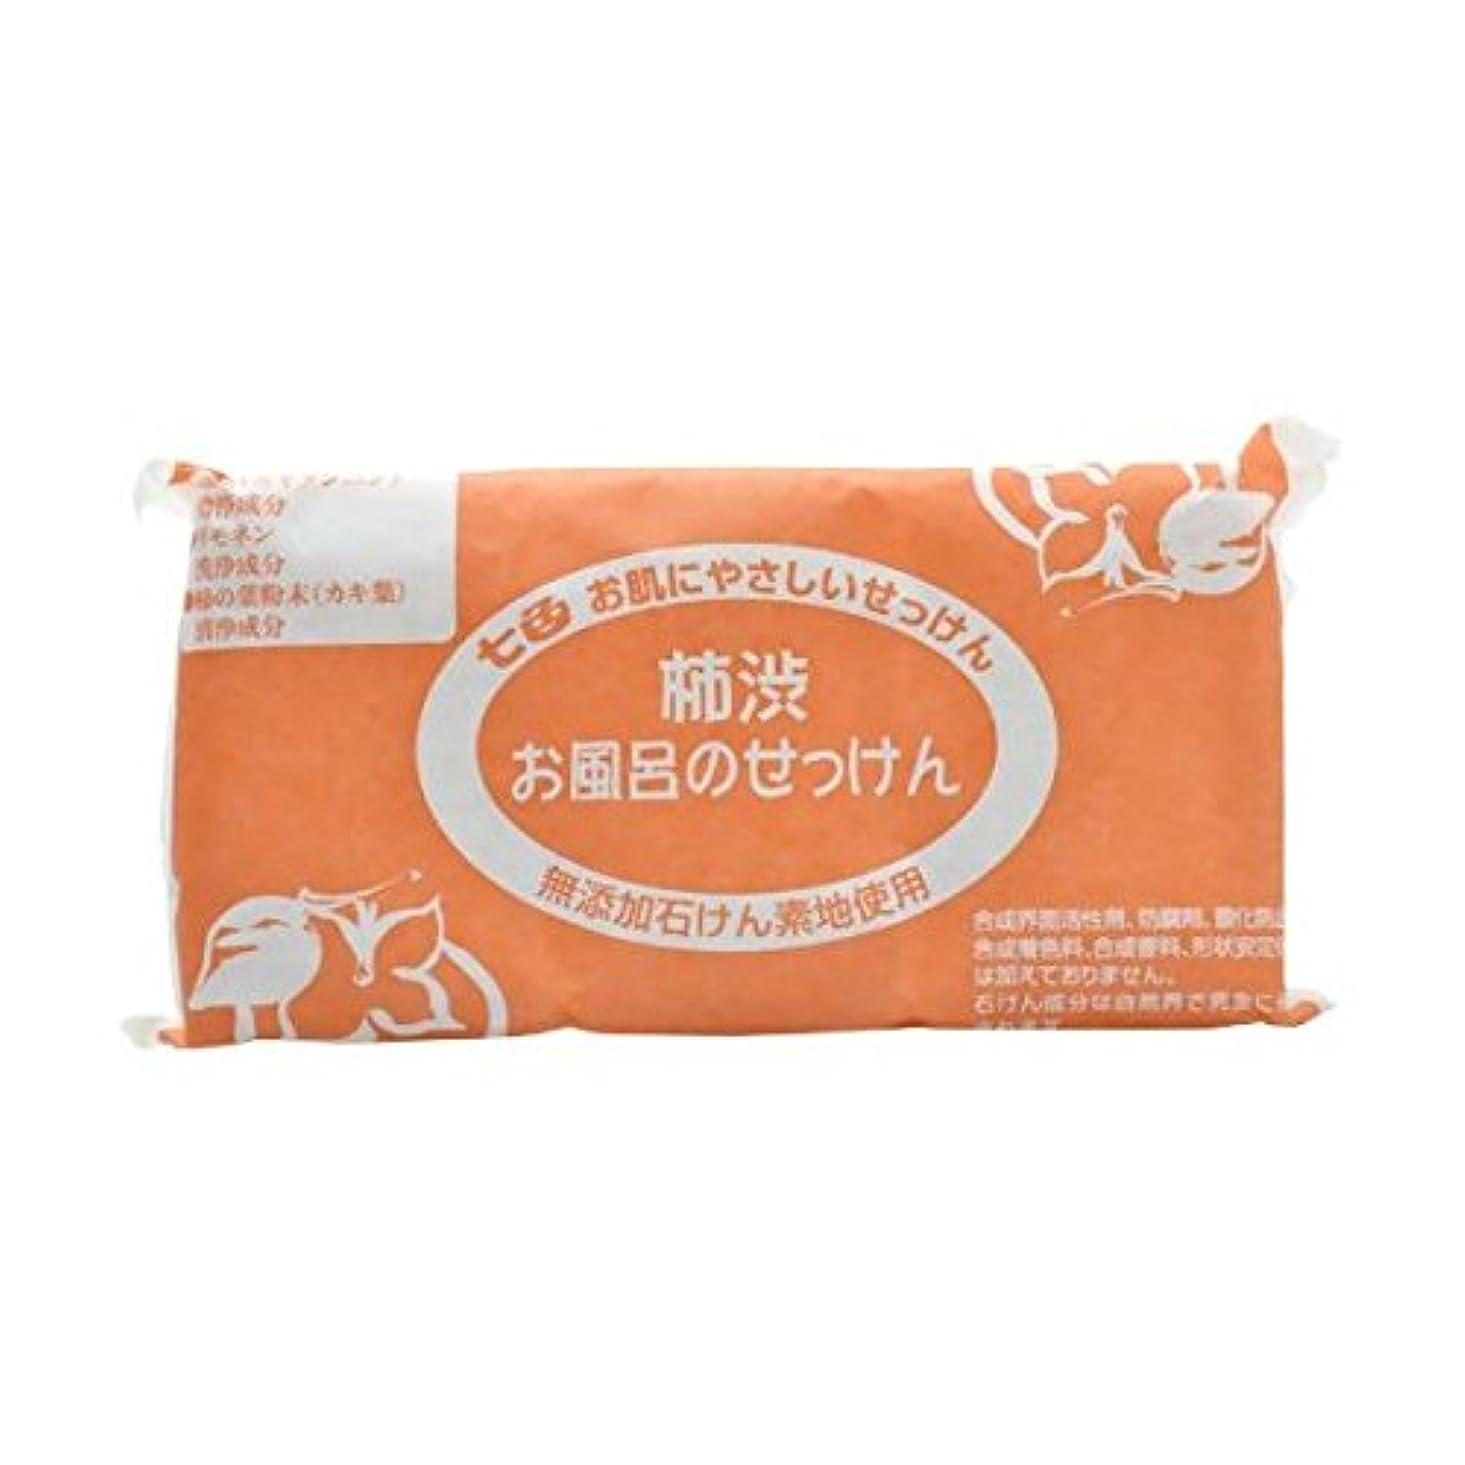 香港まつげ操作可能(まとめ買い)七色 お風呂のせっけん 柿渋(無添加石鹸) 100g×3個入×9セット